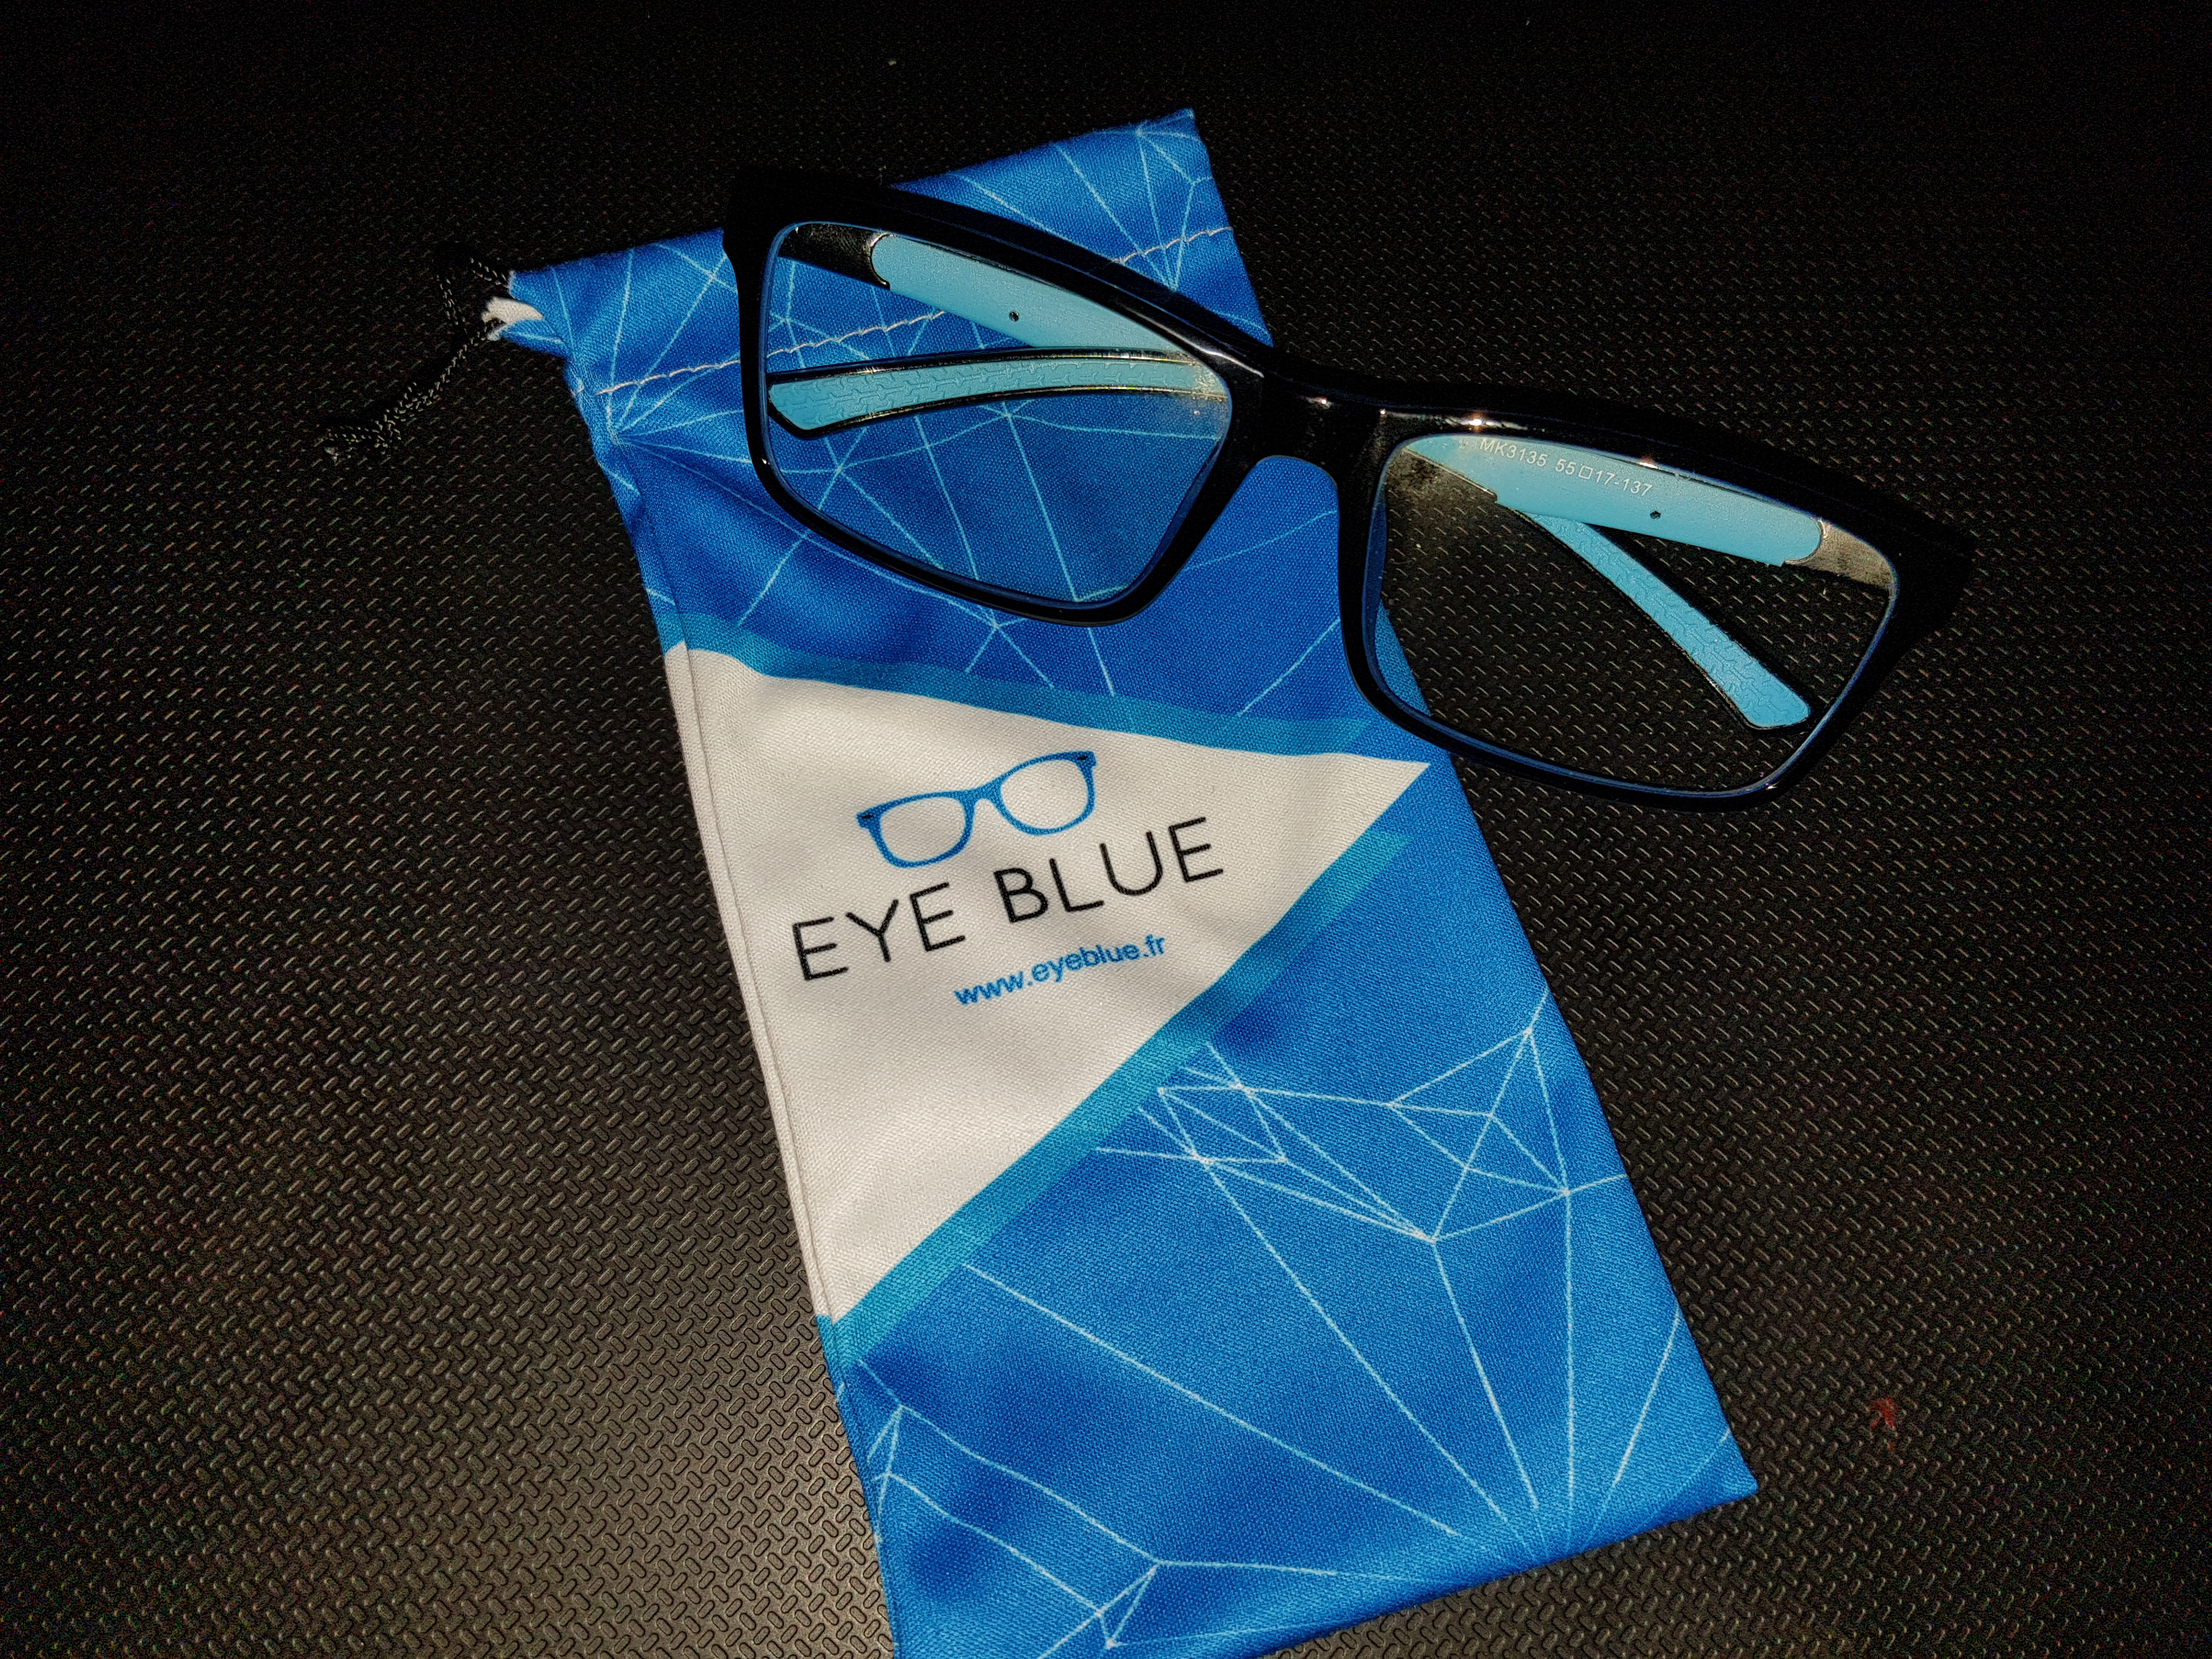 PGW2016  EYE BLUE   Les lunettes Gaming anti lumière bleue 44e27a80d67c